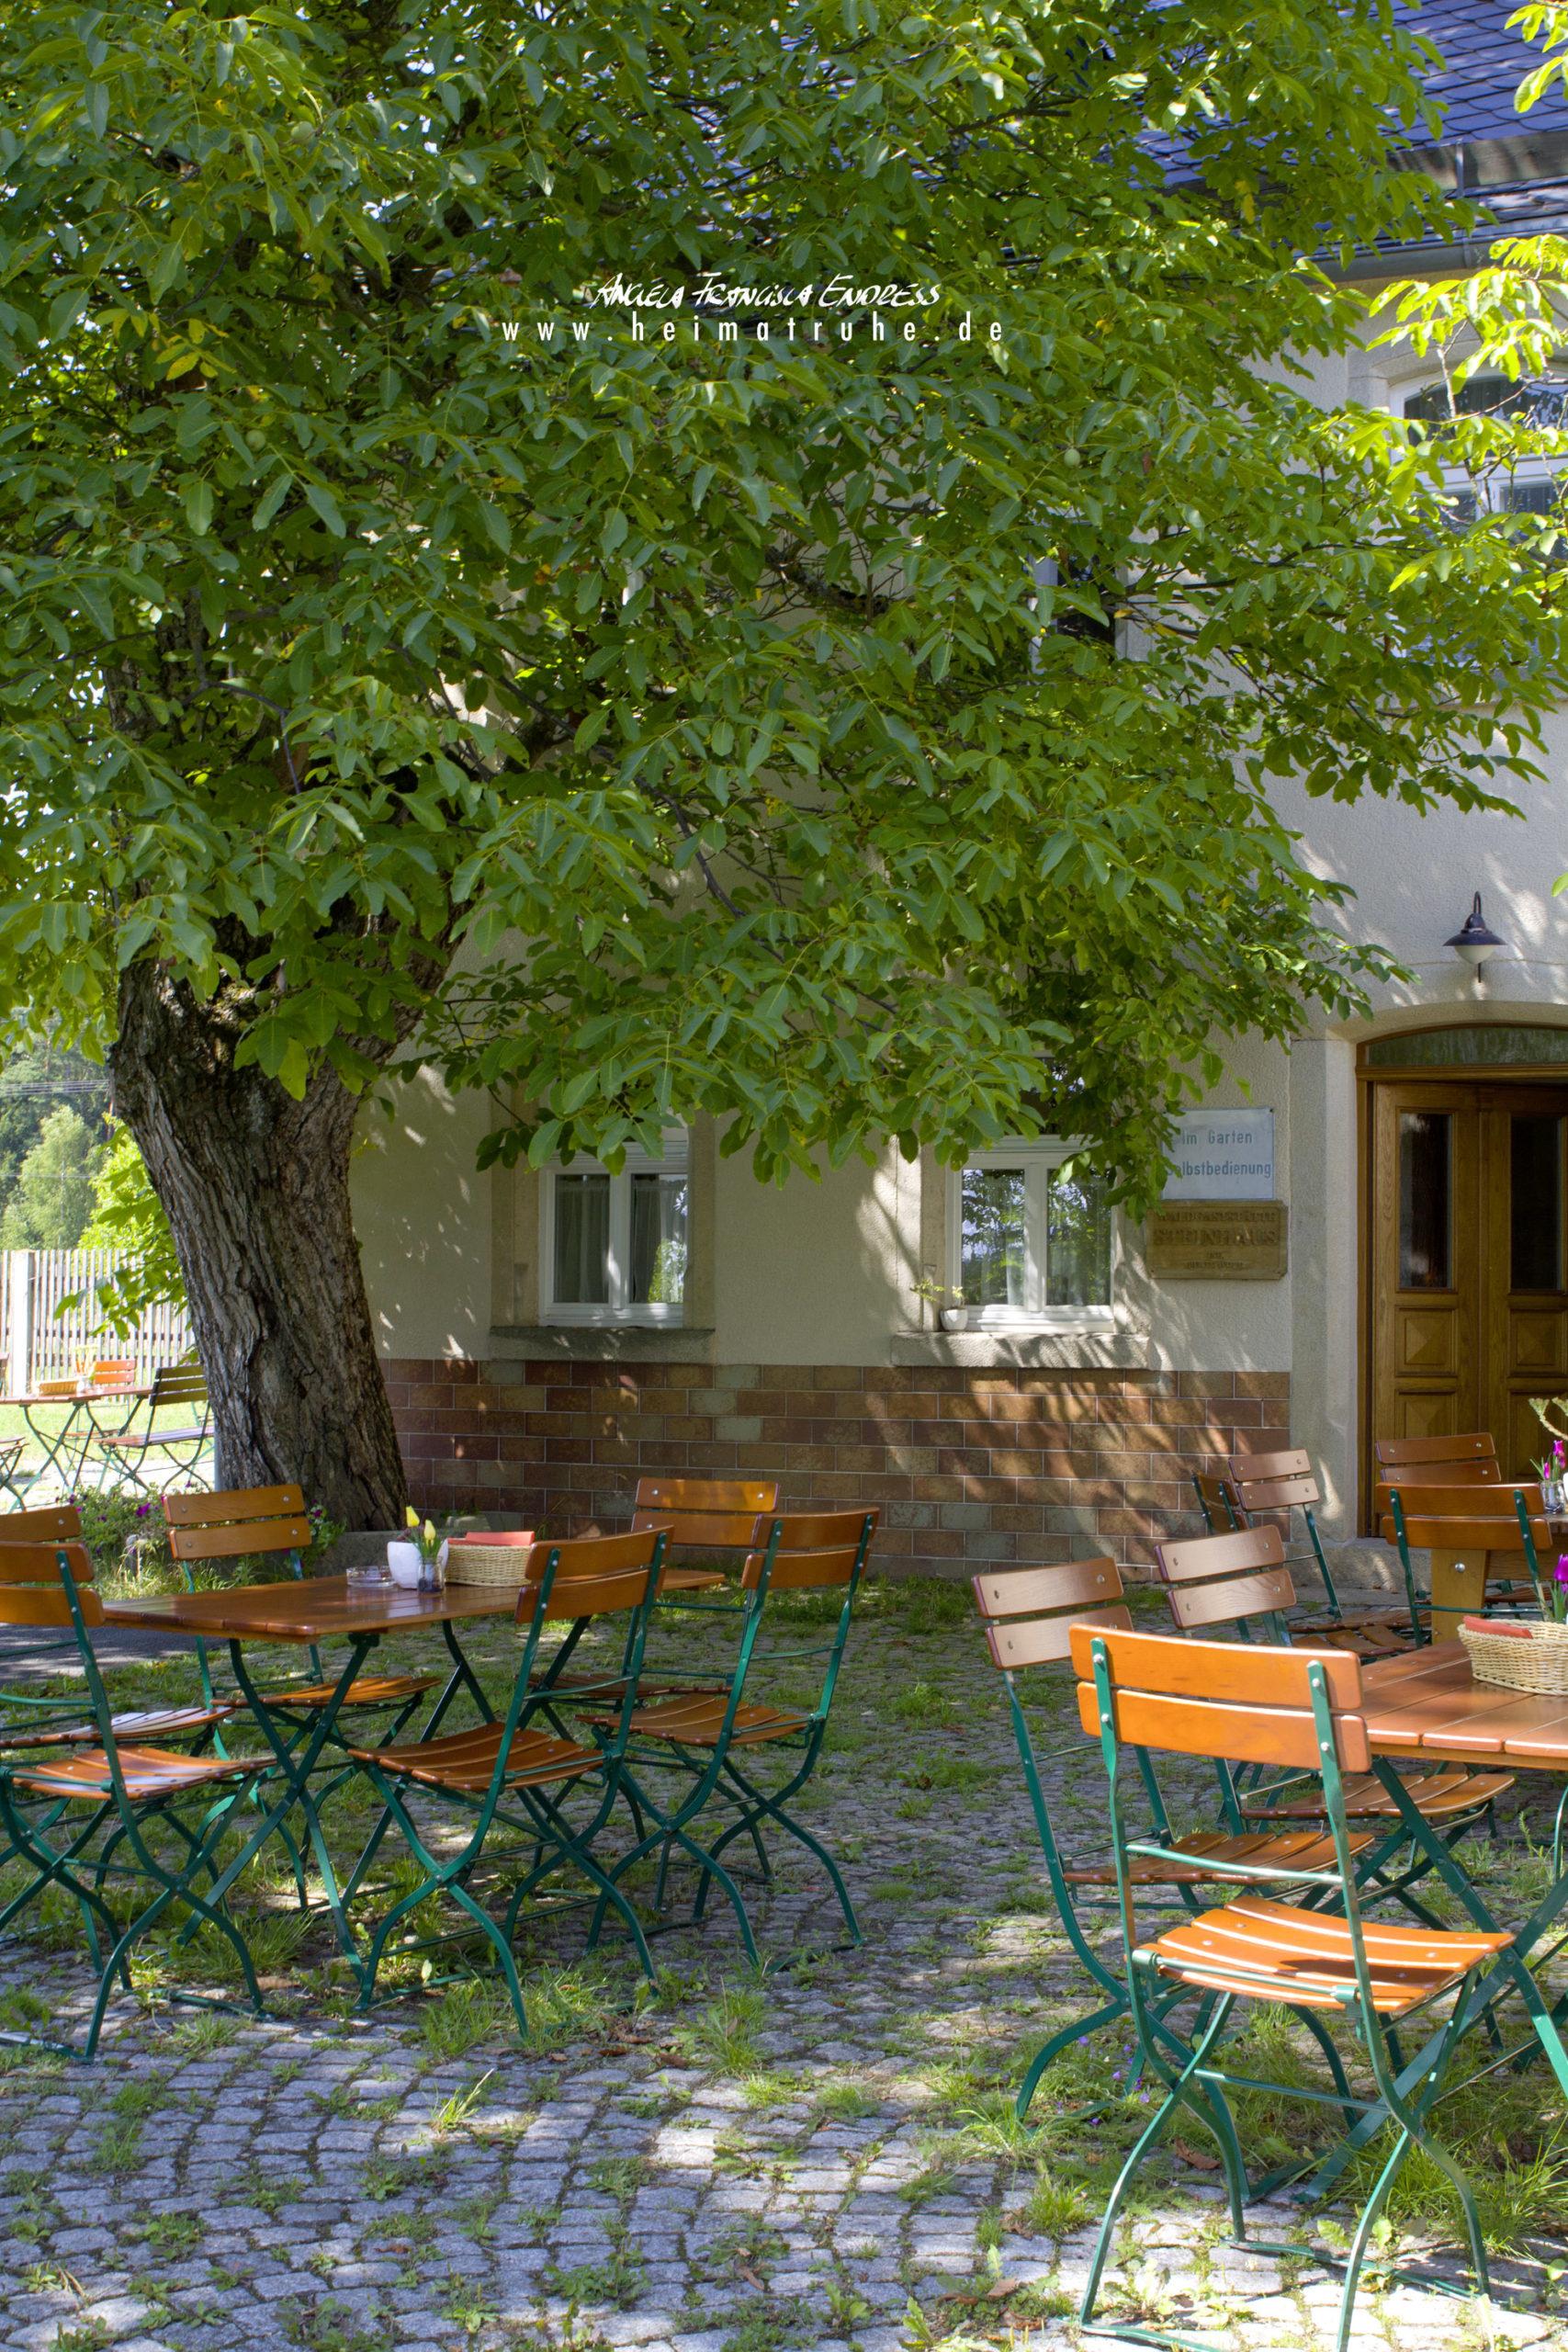 Biergarten unter grossem Walnussbaum Waldgaststätte Steinhaus